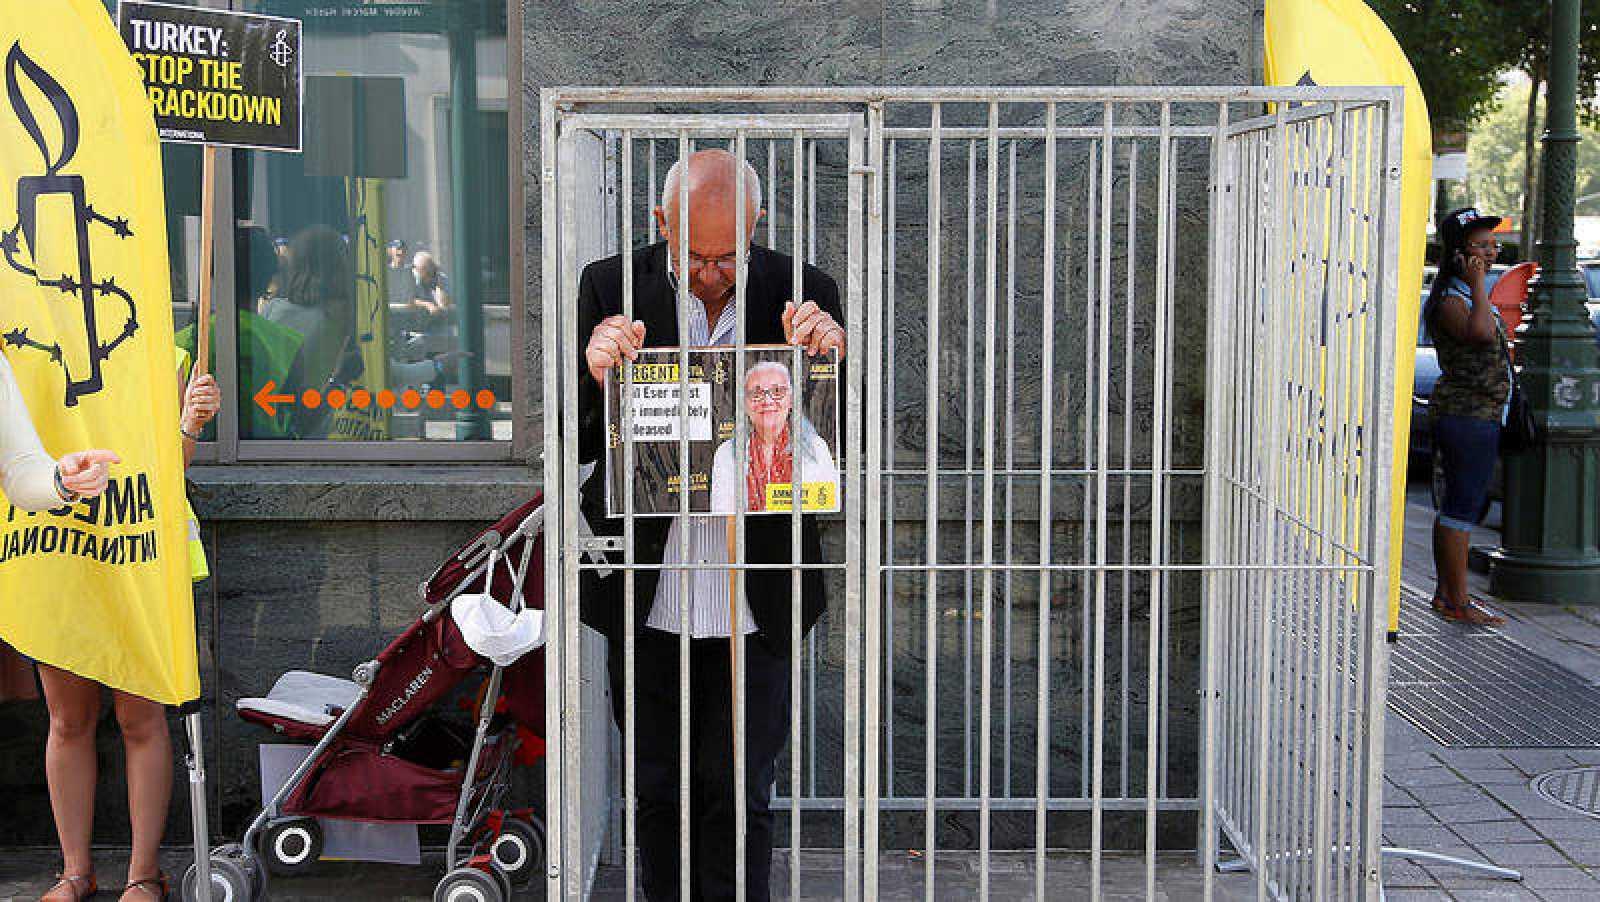 El director de Amnistía Internacional en Bélgica, Philippe Hensmans, durante una proteta frente a la embajada turca en Bruselas para pedir la libertad de Idil Eser